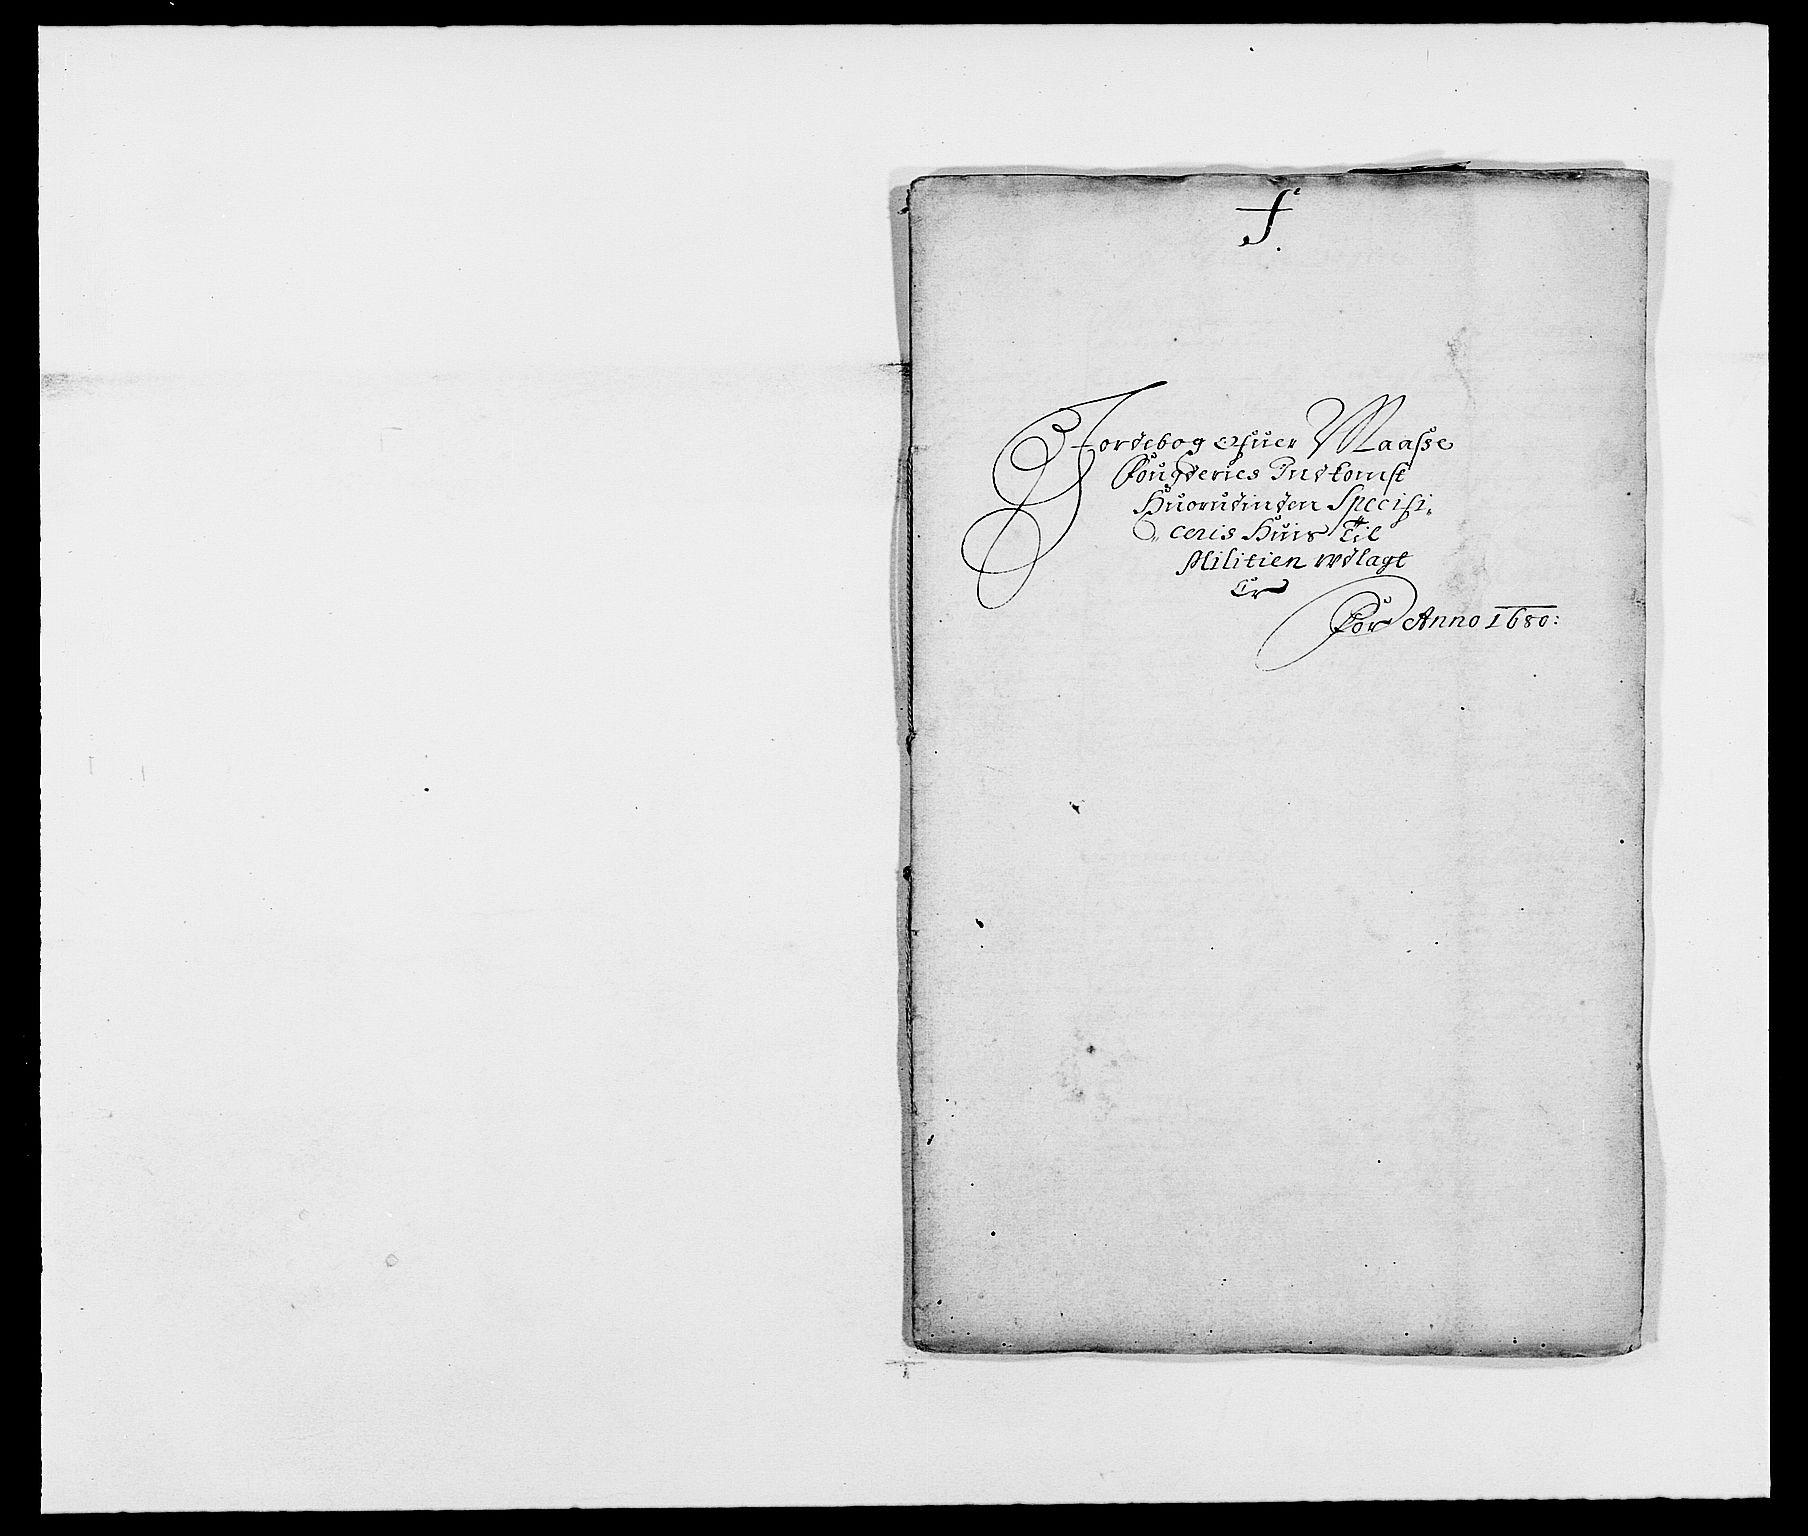 RA, Rentekammeret inntil 1814, Reviderte regnskaper, Fogderegnskap, R02/L0101: Fogderegnskap Moss og Verne kloster, 1680, s. 152